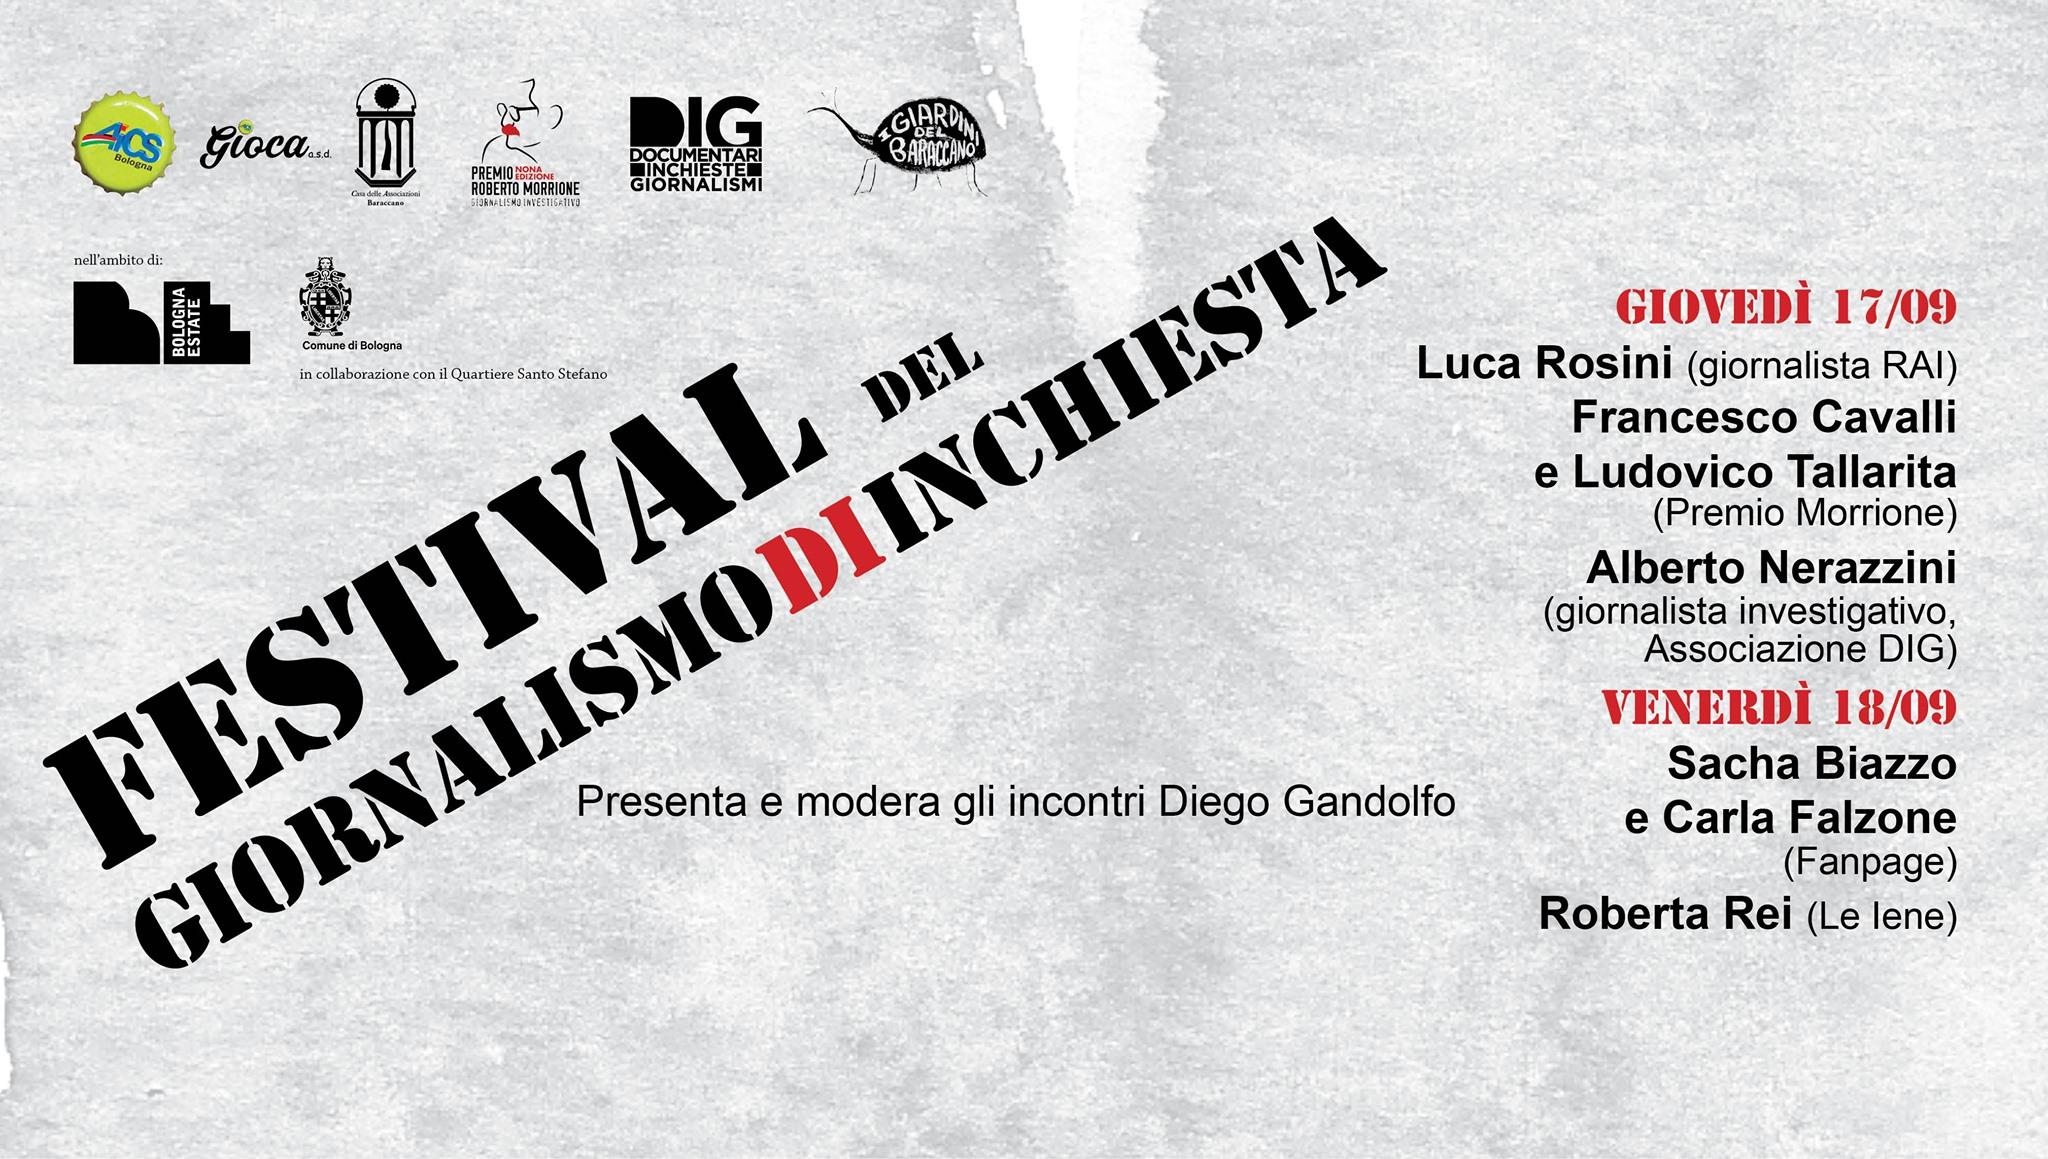 Festival del giornalismo d'inchiesta Bologna